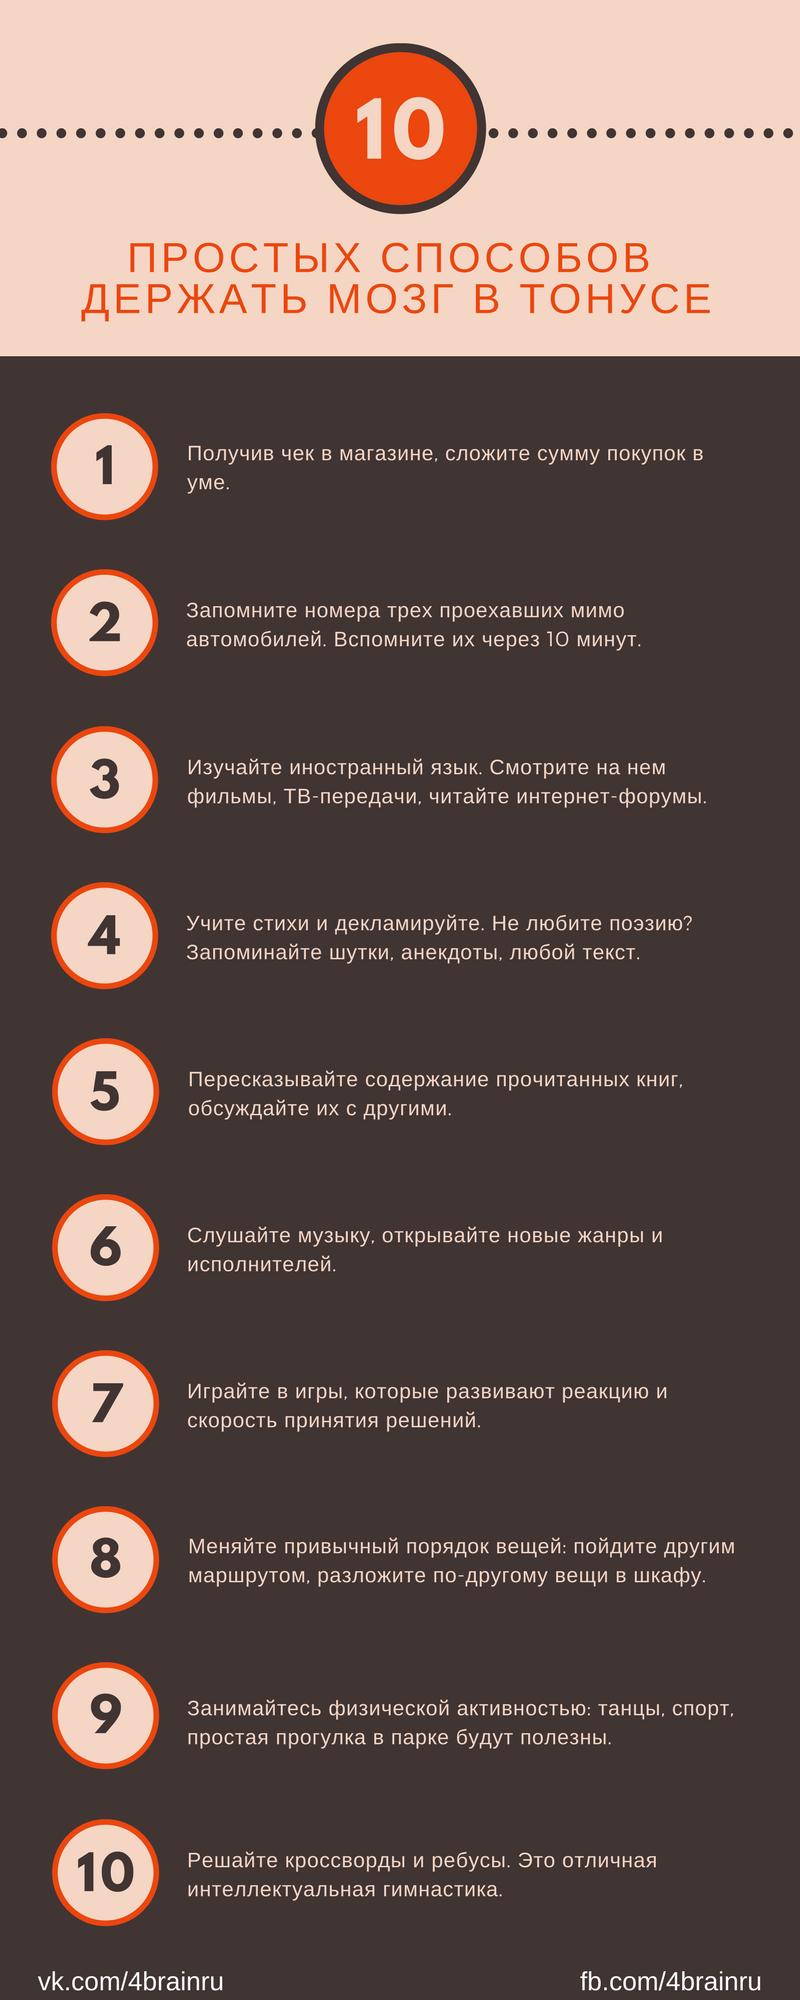 10 простых способов держать мозг в тонусе